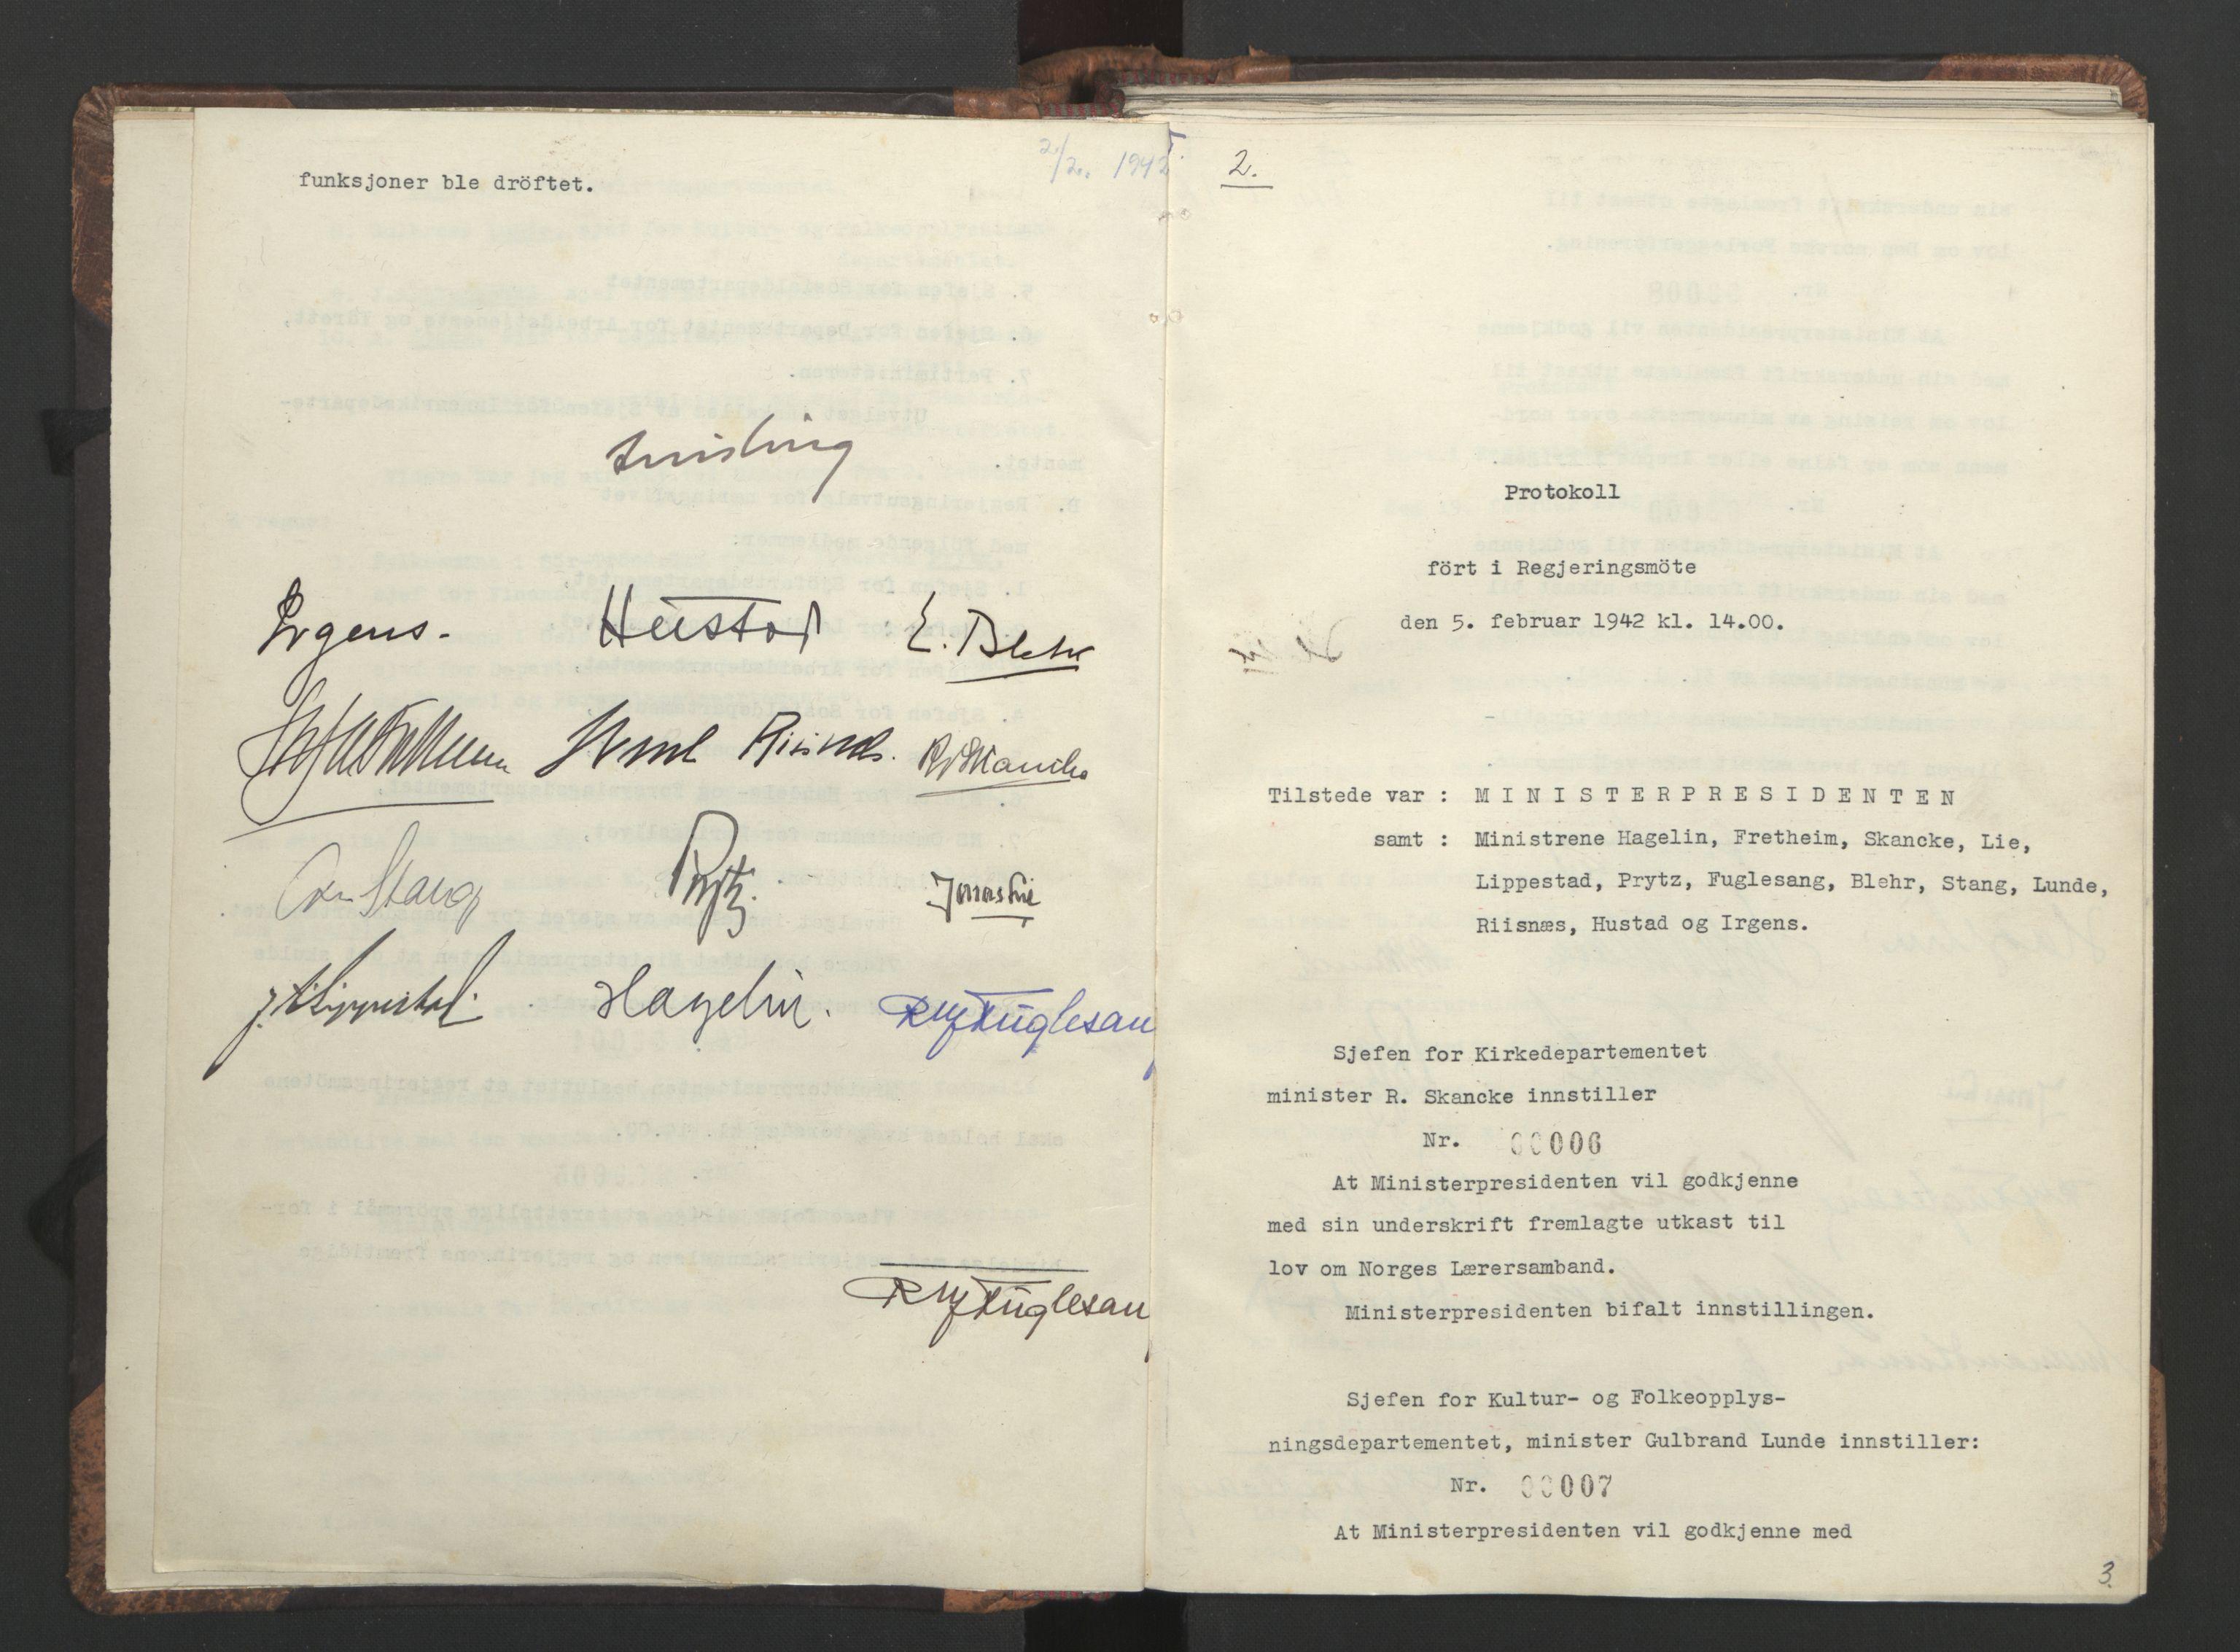 RA, NS-administrasjonen 1940-1945 (Statsrådsekretariatet, de kommisariske statsråder mm), D/Da/L0001: Beslutninger og tillegg (1-952 og 1-32), 1942, s. 2b-3a